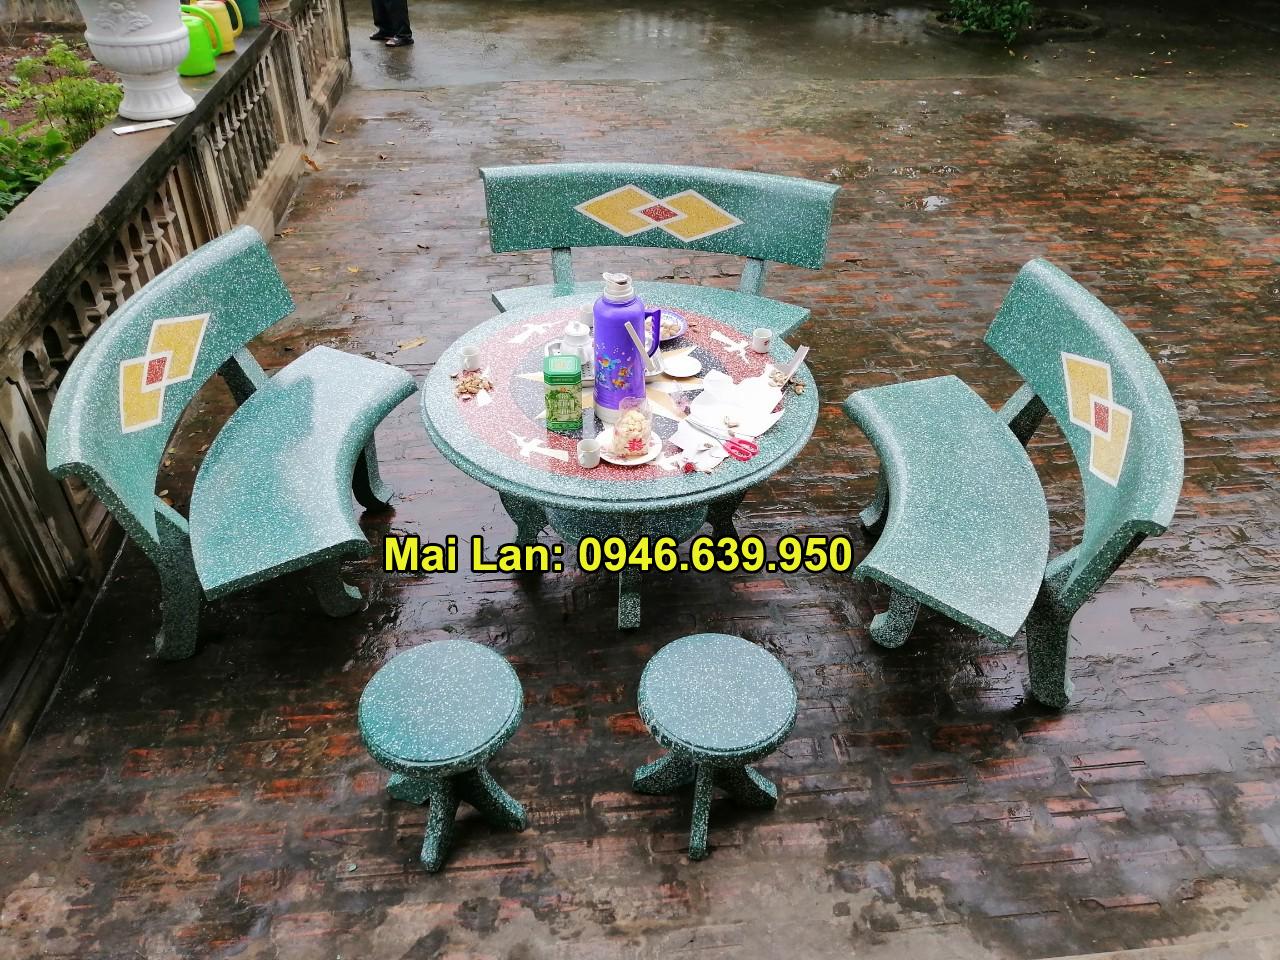 bộ bàn ghế đá sân vườn đẹp